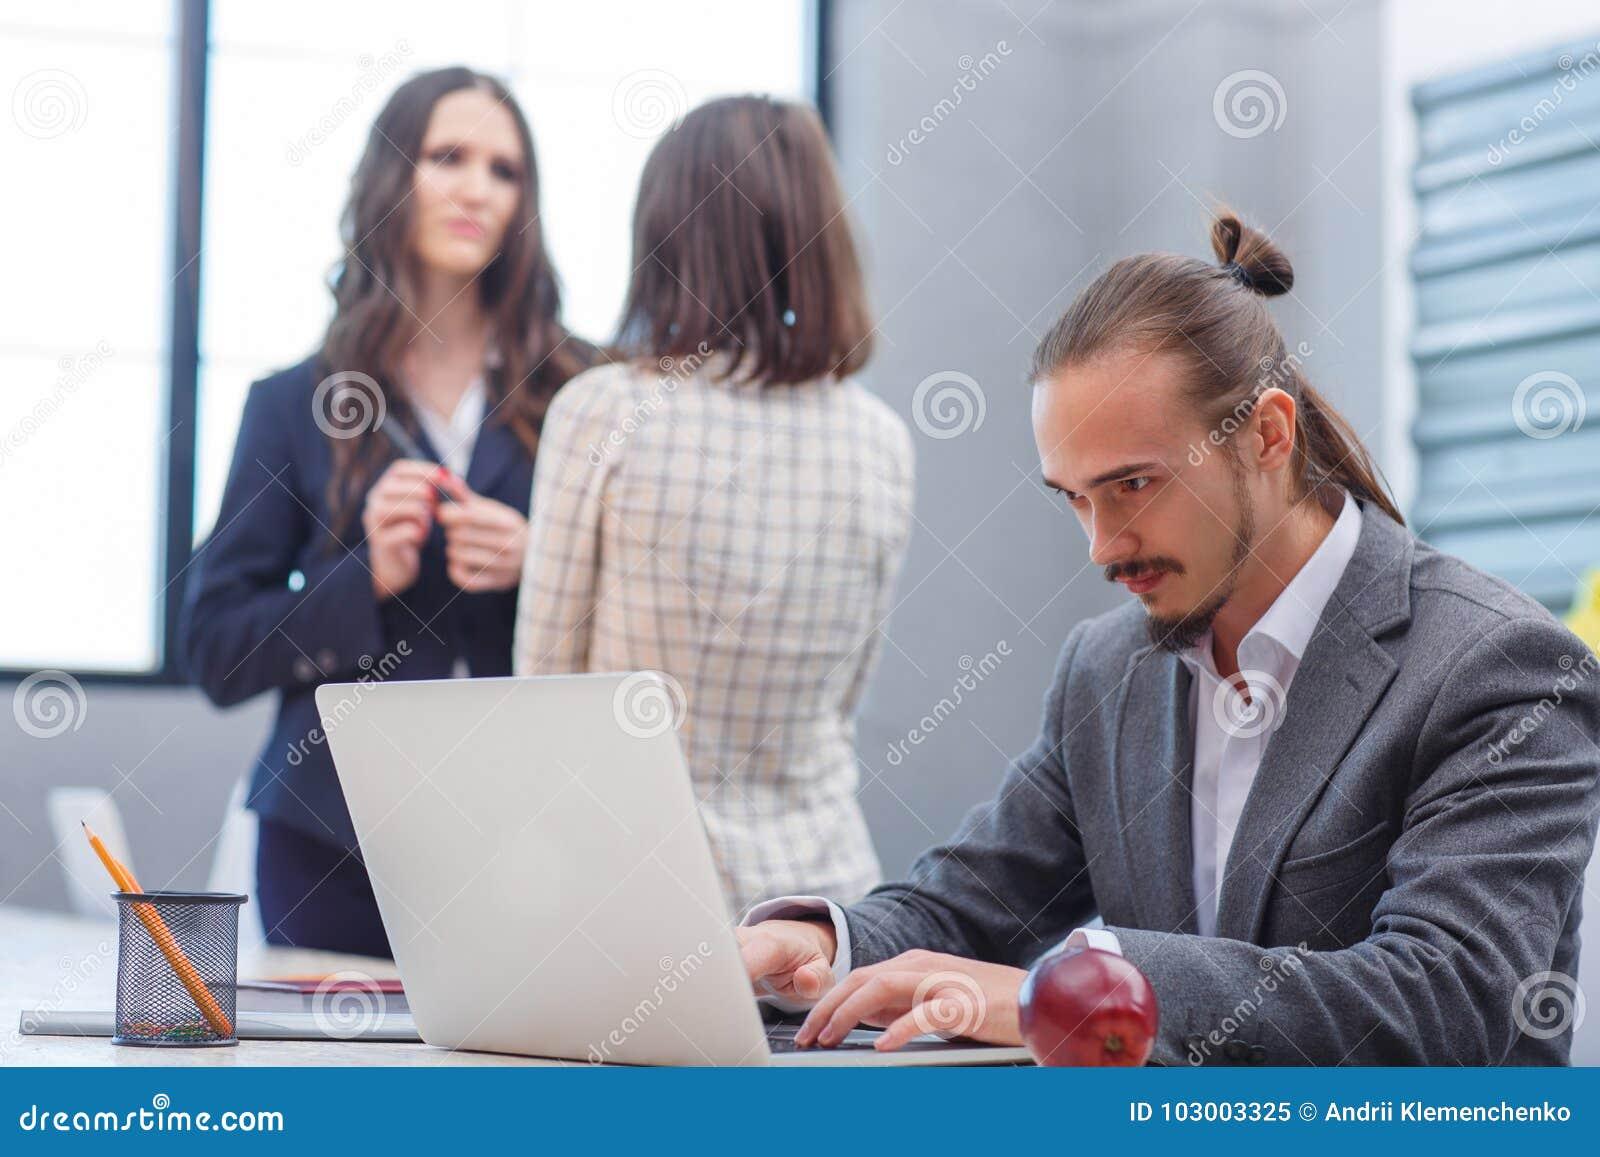 siti per trovare donne gratis cerco uomo per scopare